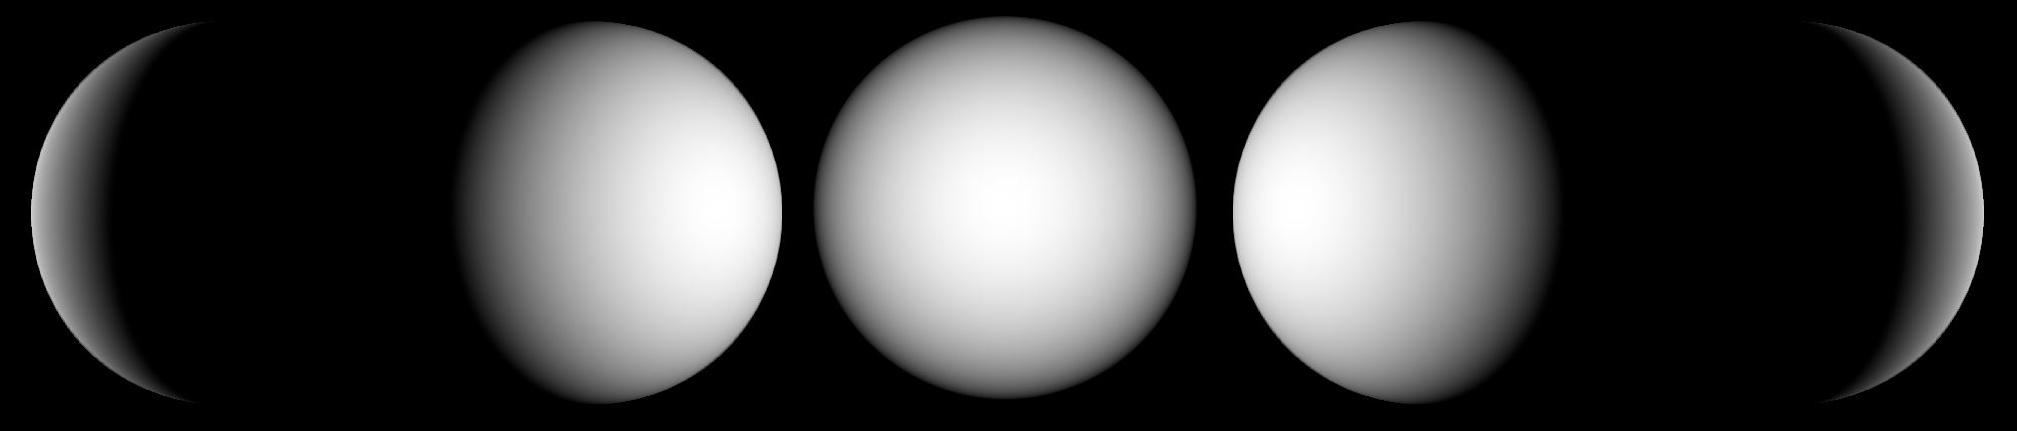 MoonSphere.jpg